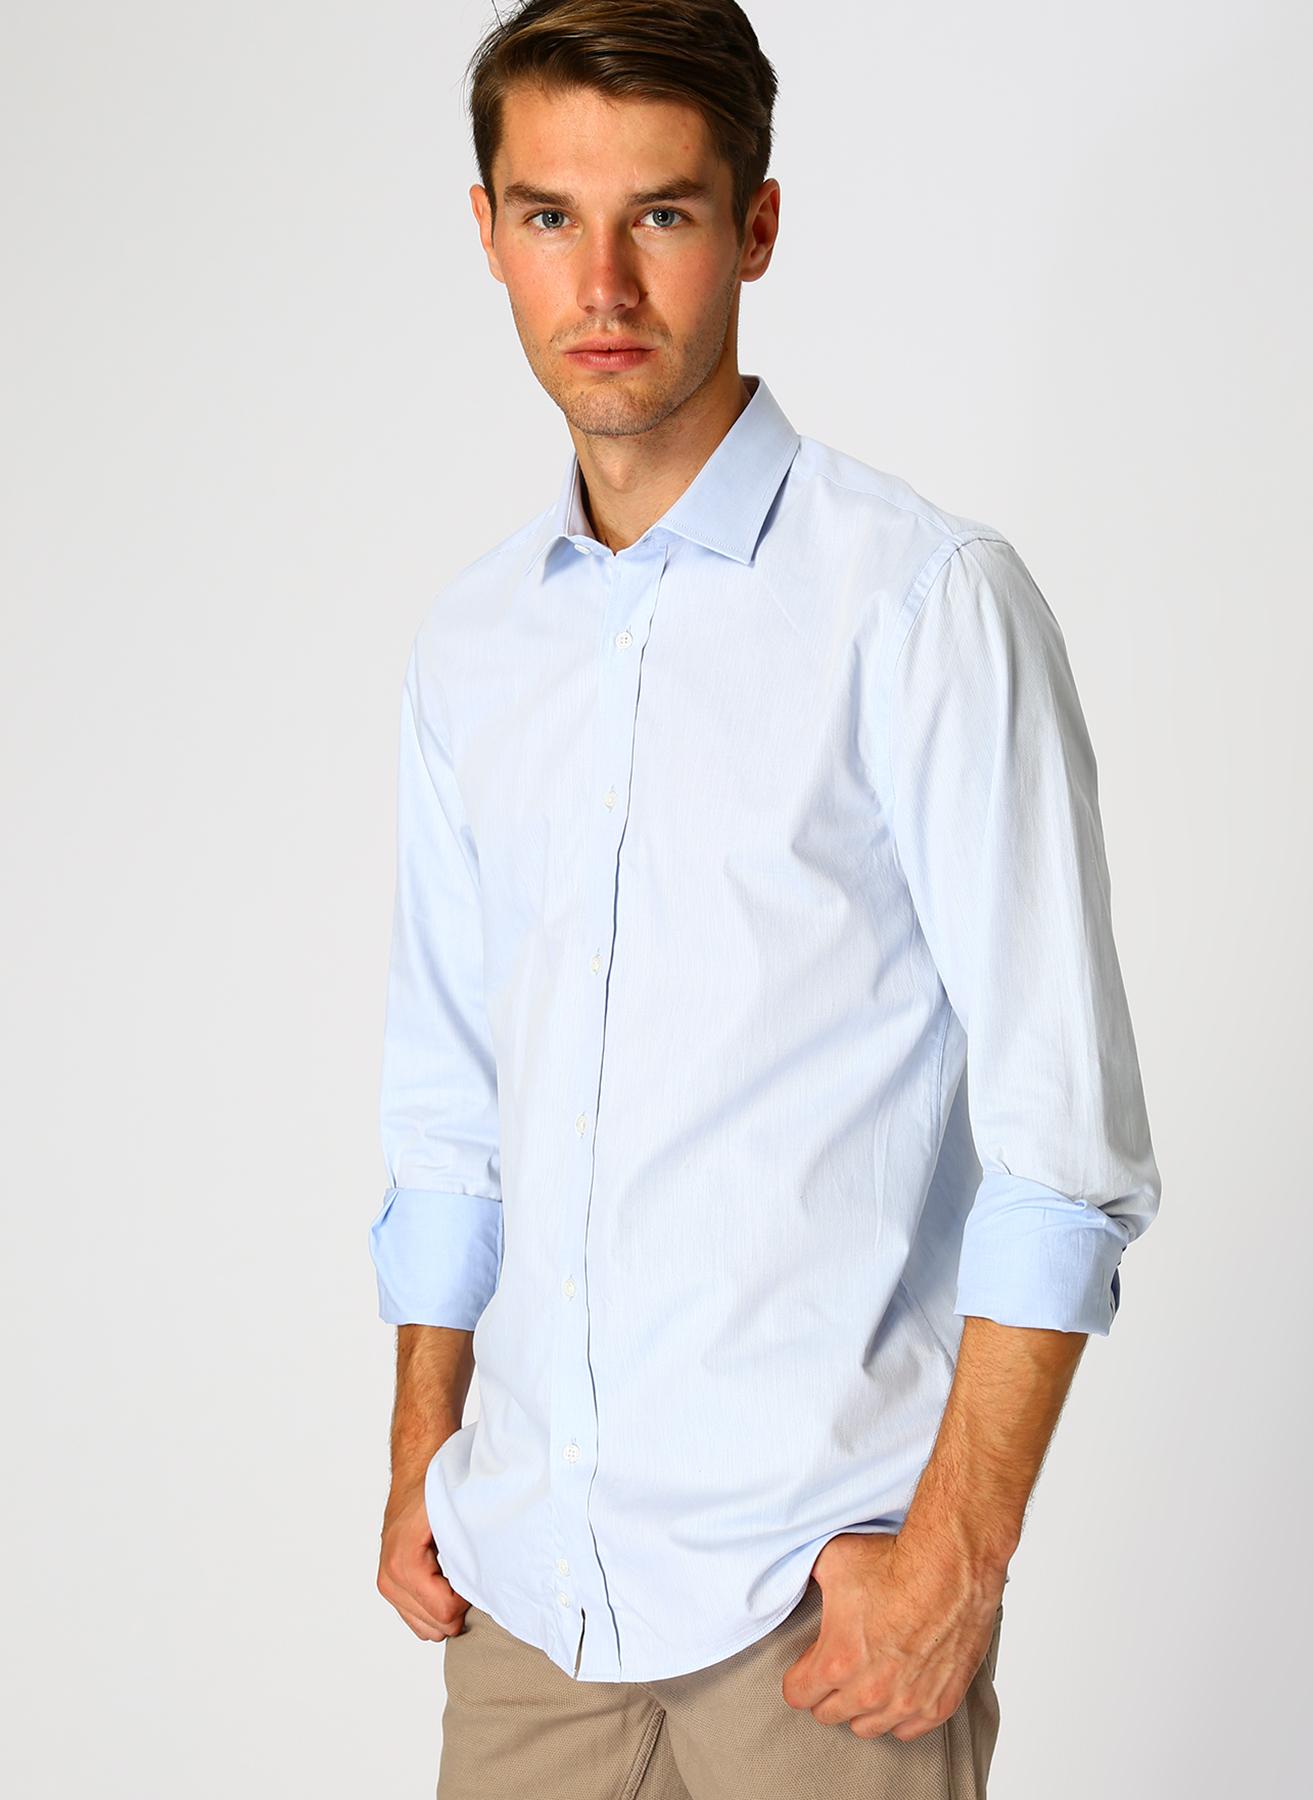 Cotton Bar Mavi Açık Gömlek S 5001632894001 Ürün Resmi